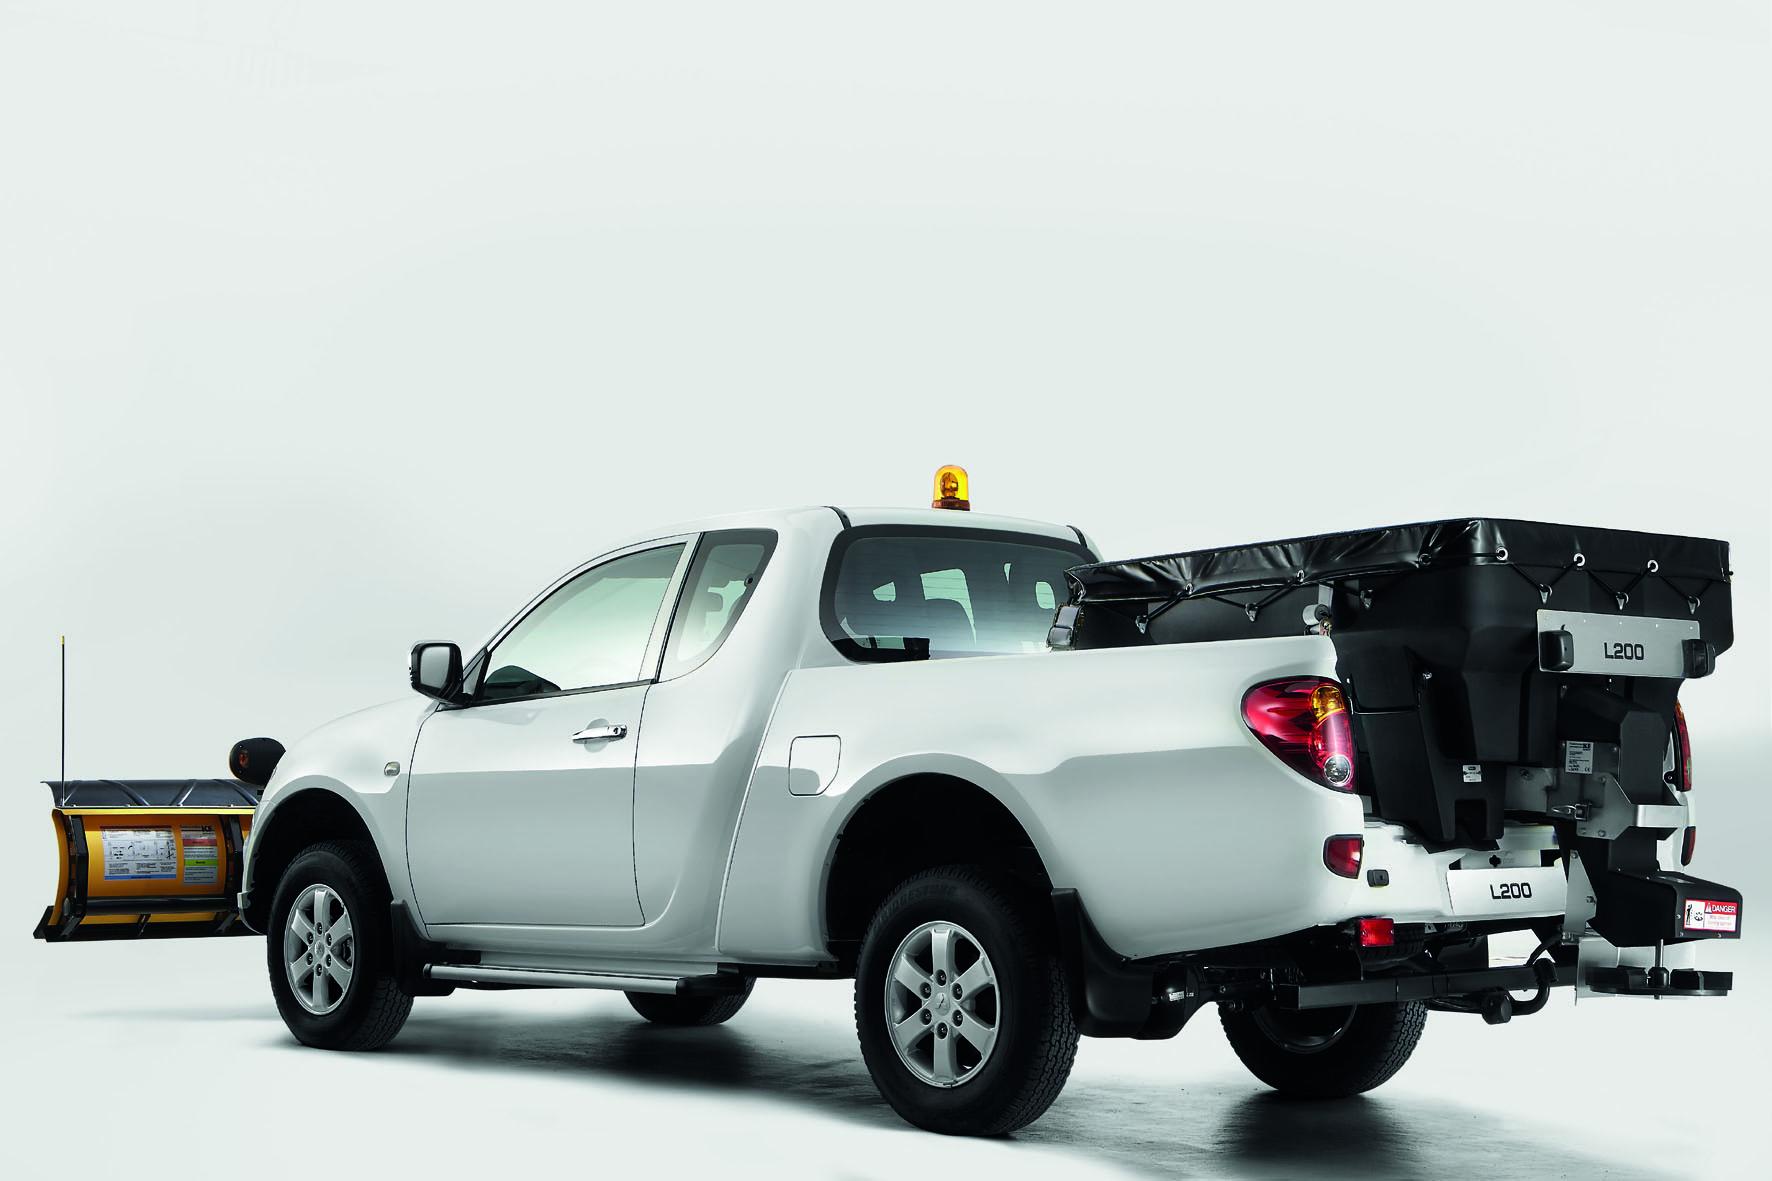 Für den Mitsubishi L200 Pick-up gibt es weitere Aufbauten, hier für den Winterdienst.